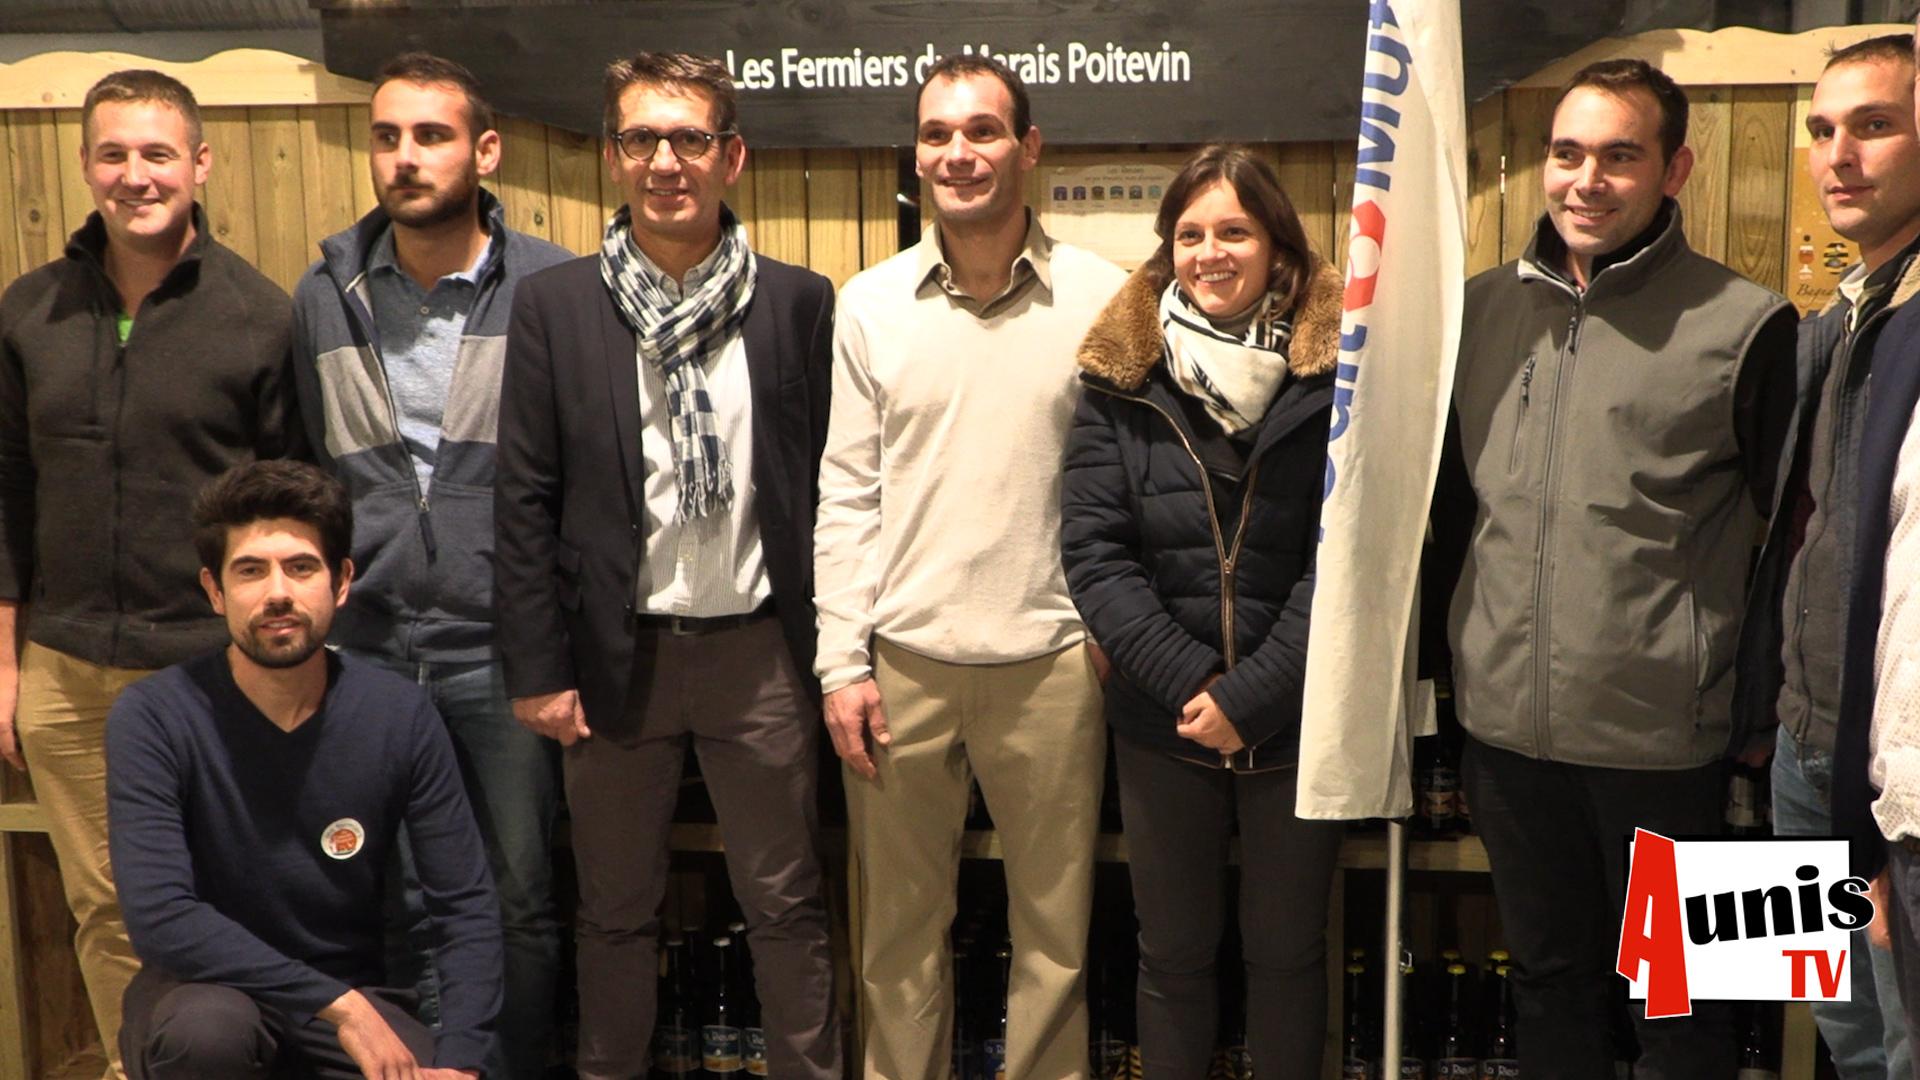 Fermiers du Marais Poitevin